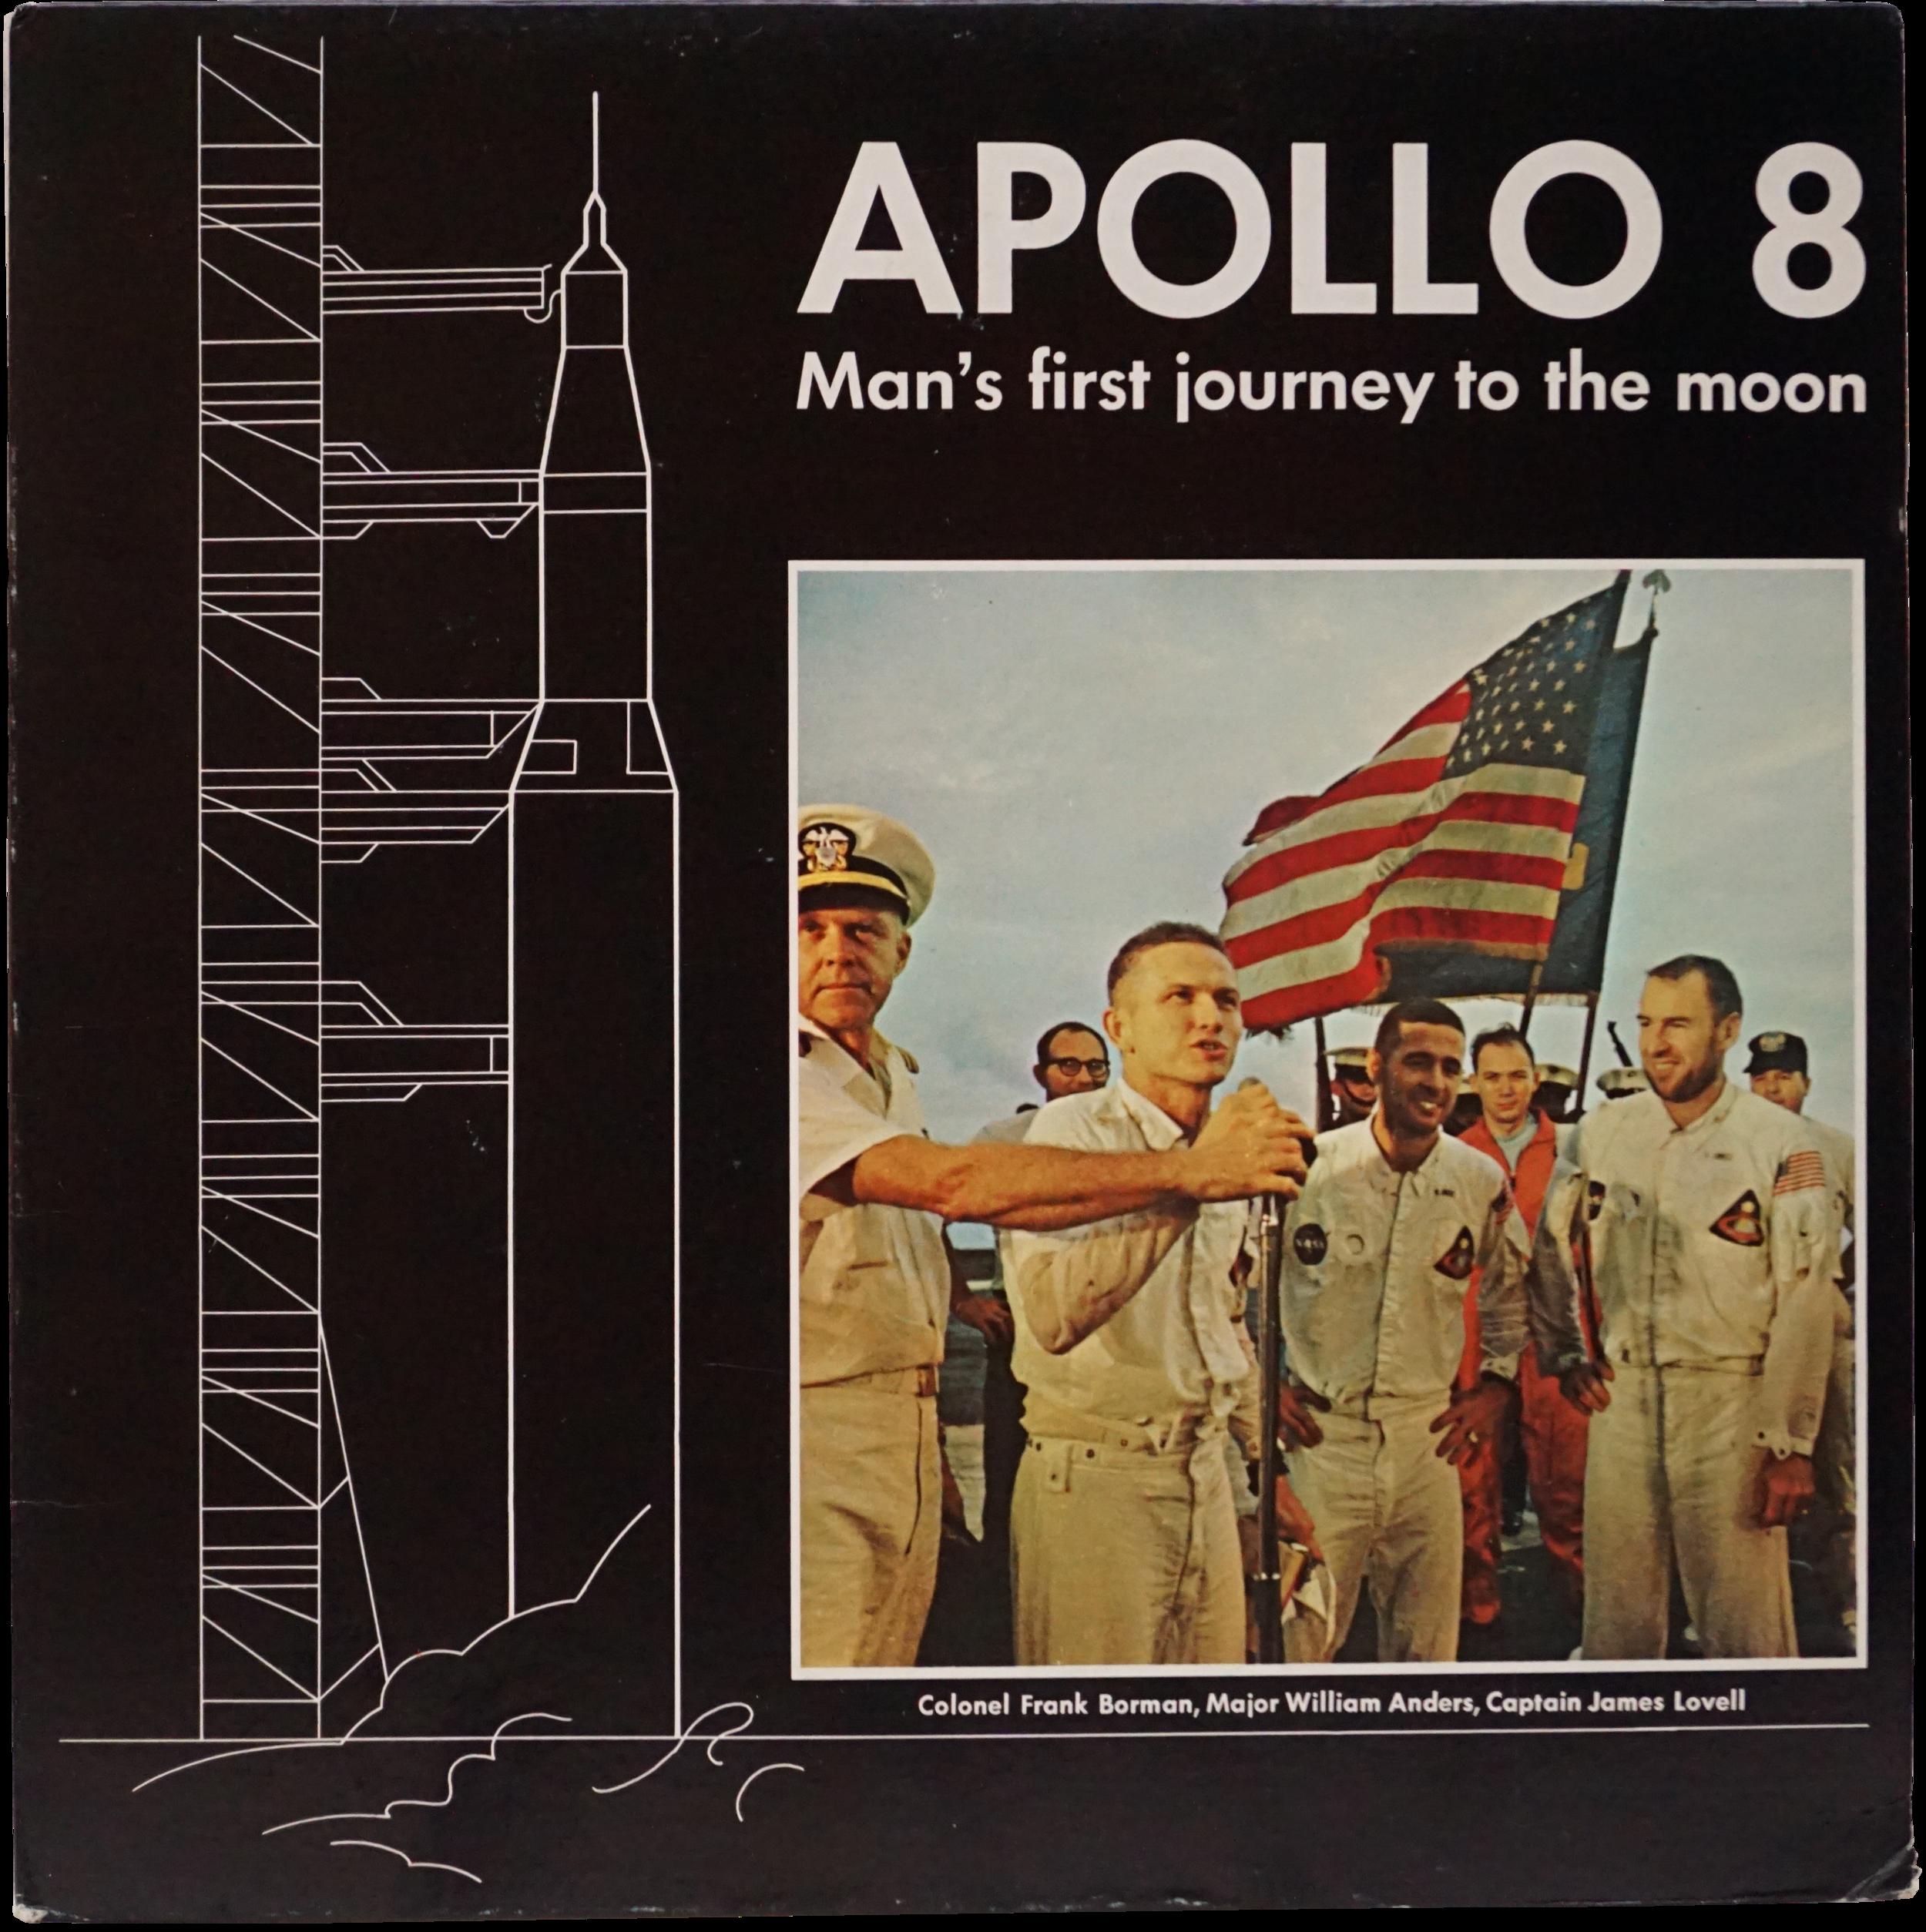 ERM-1969-LP-APOLLO_8-UNIVAC-FRONT.png